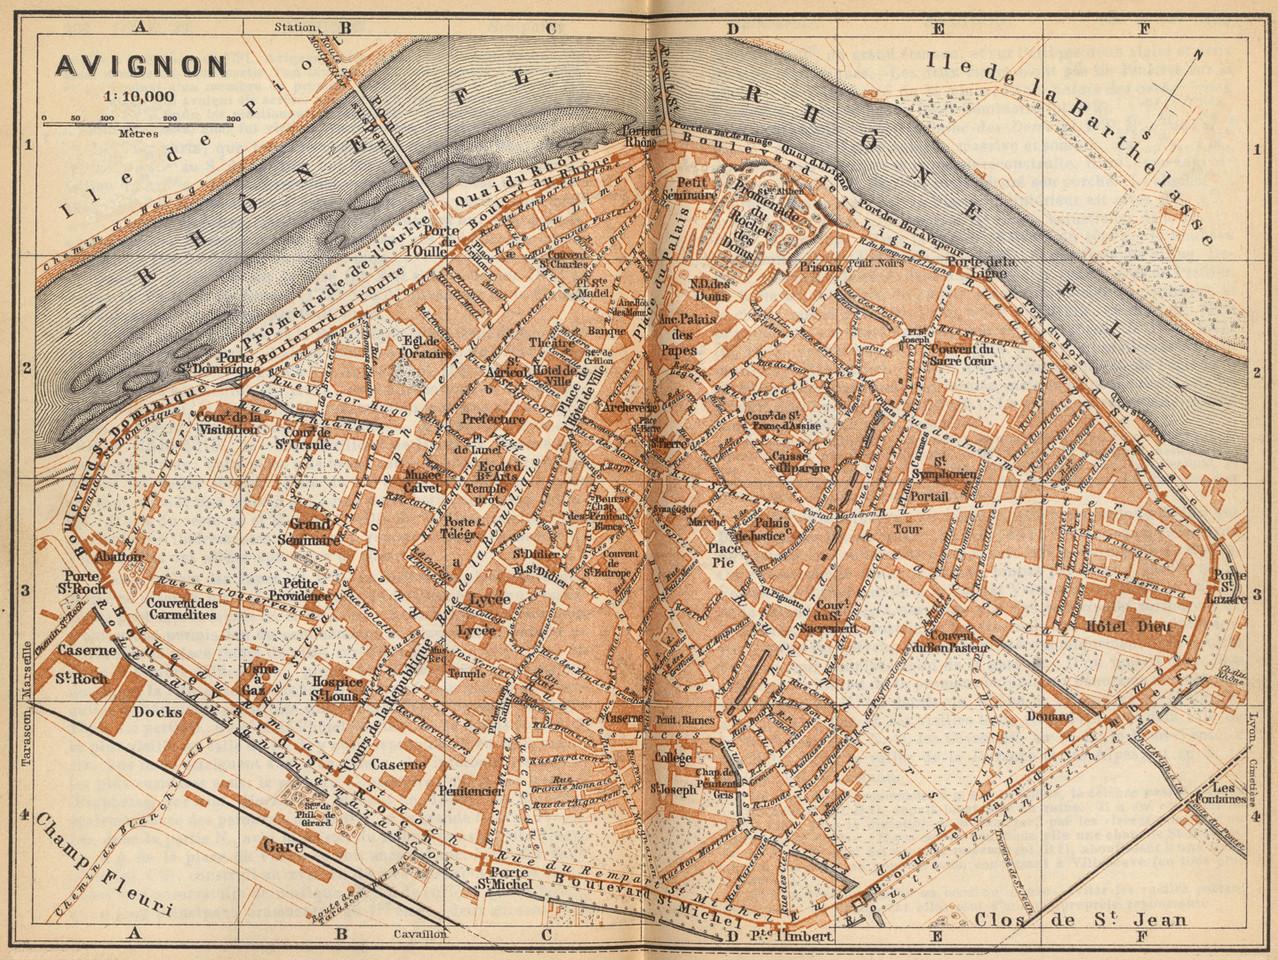 1889 – Plan extrait de l'ouvrage Le Midi de la France